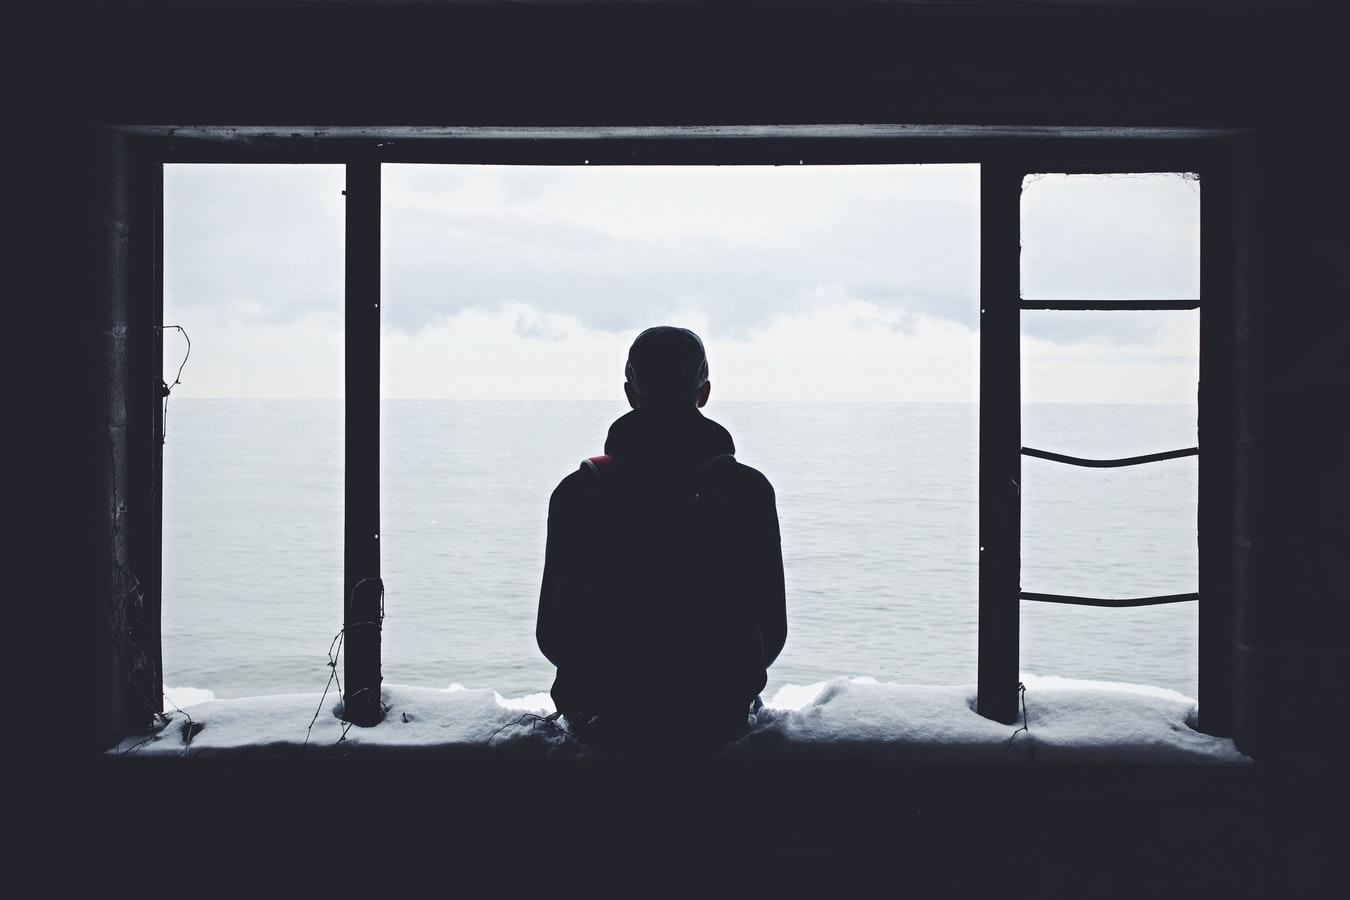 Ο εγκλεισμός μέσα από ανοικτά παράθυρα…